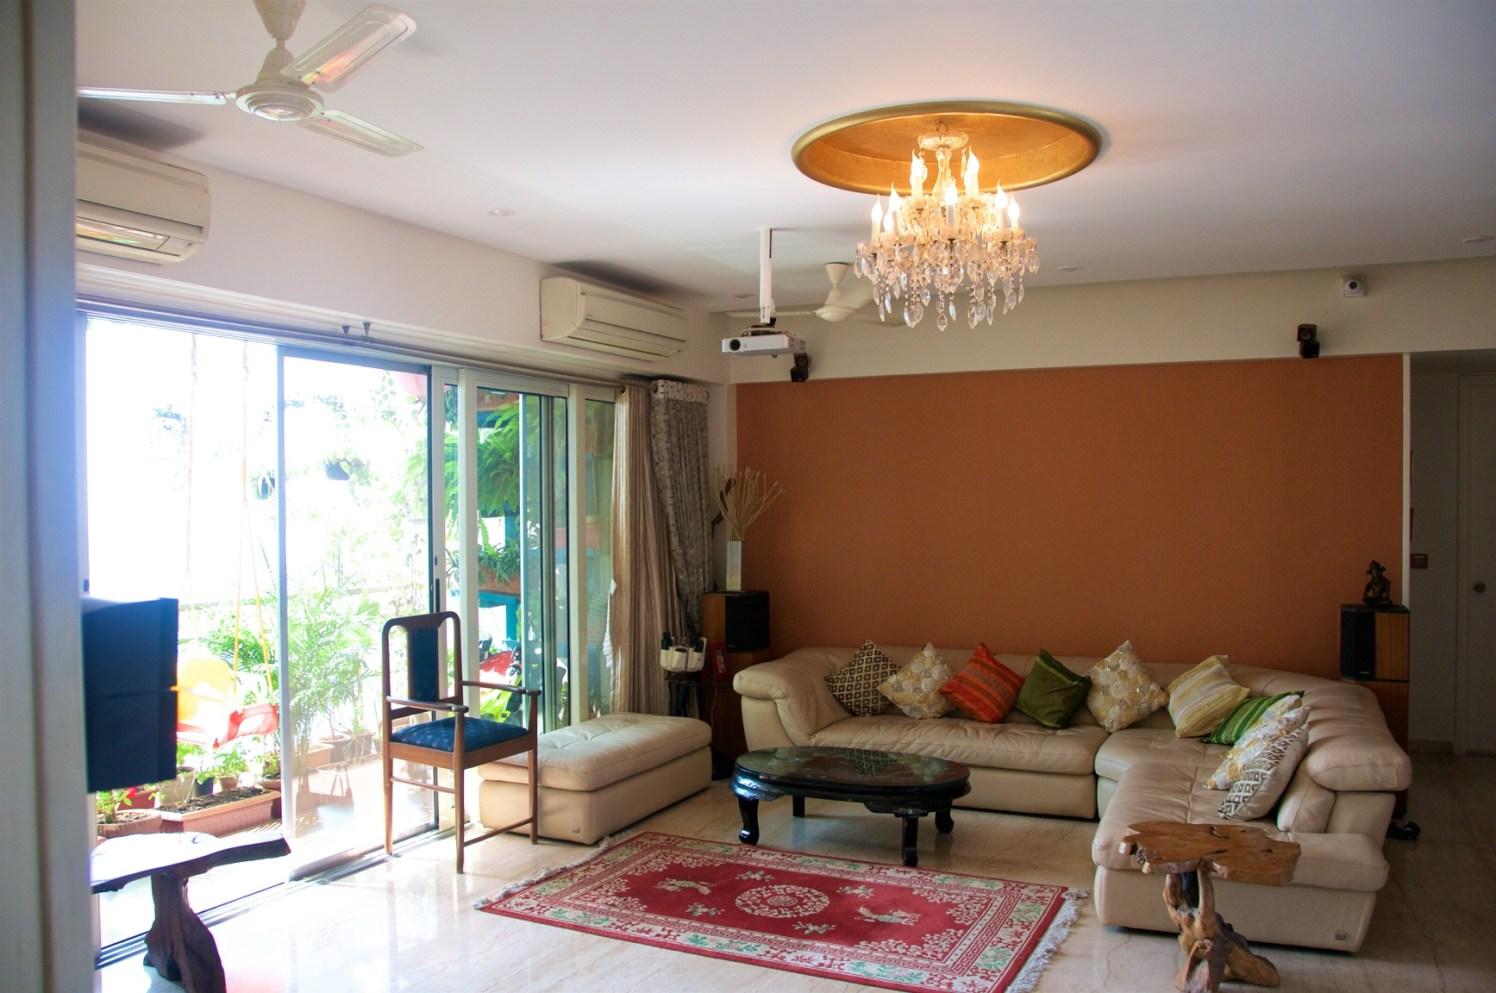 Spacious Living Room With L Shaped Creamy Sofa Set by Viraf Laskari  Living-room Contemporary | Interior Design Photos & Ideas